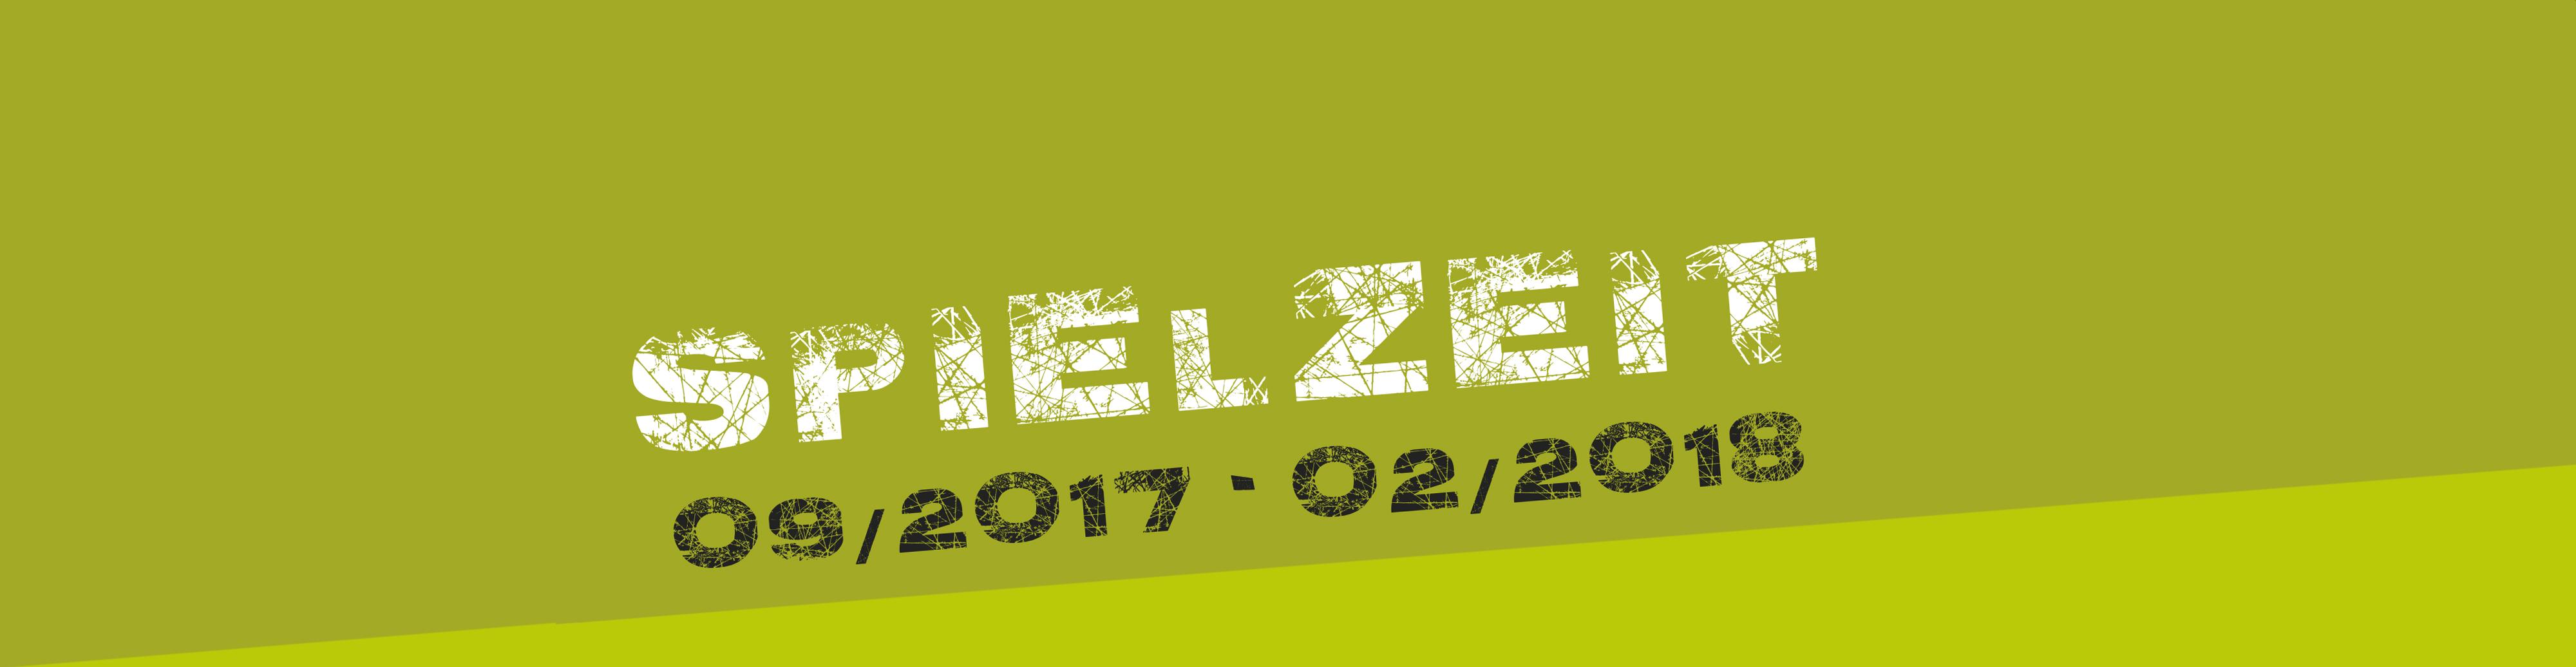 201601018 Stadt Kf Theaterl Spielzeitheft 2016 sept.indd